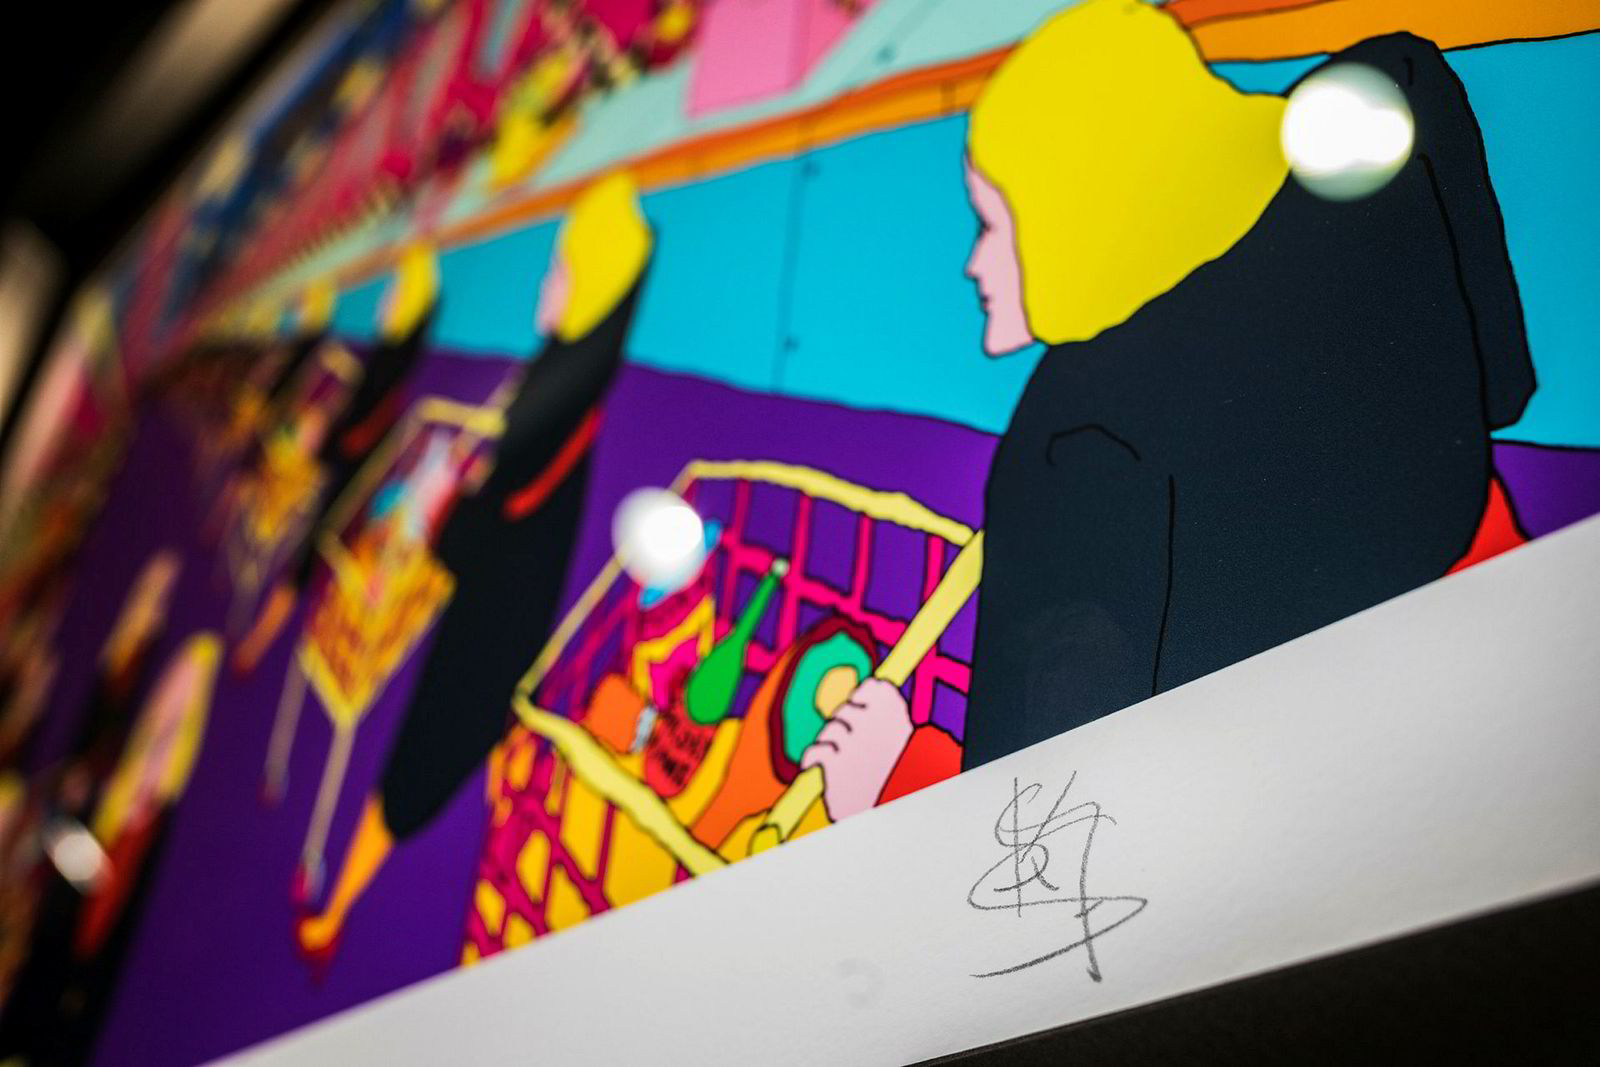 Pushwagners siste verk har støttespilleren Stefan Strays signatur «SKJS».